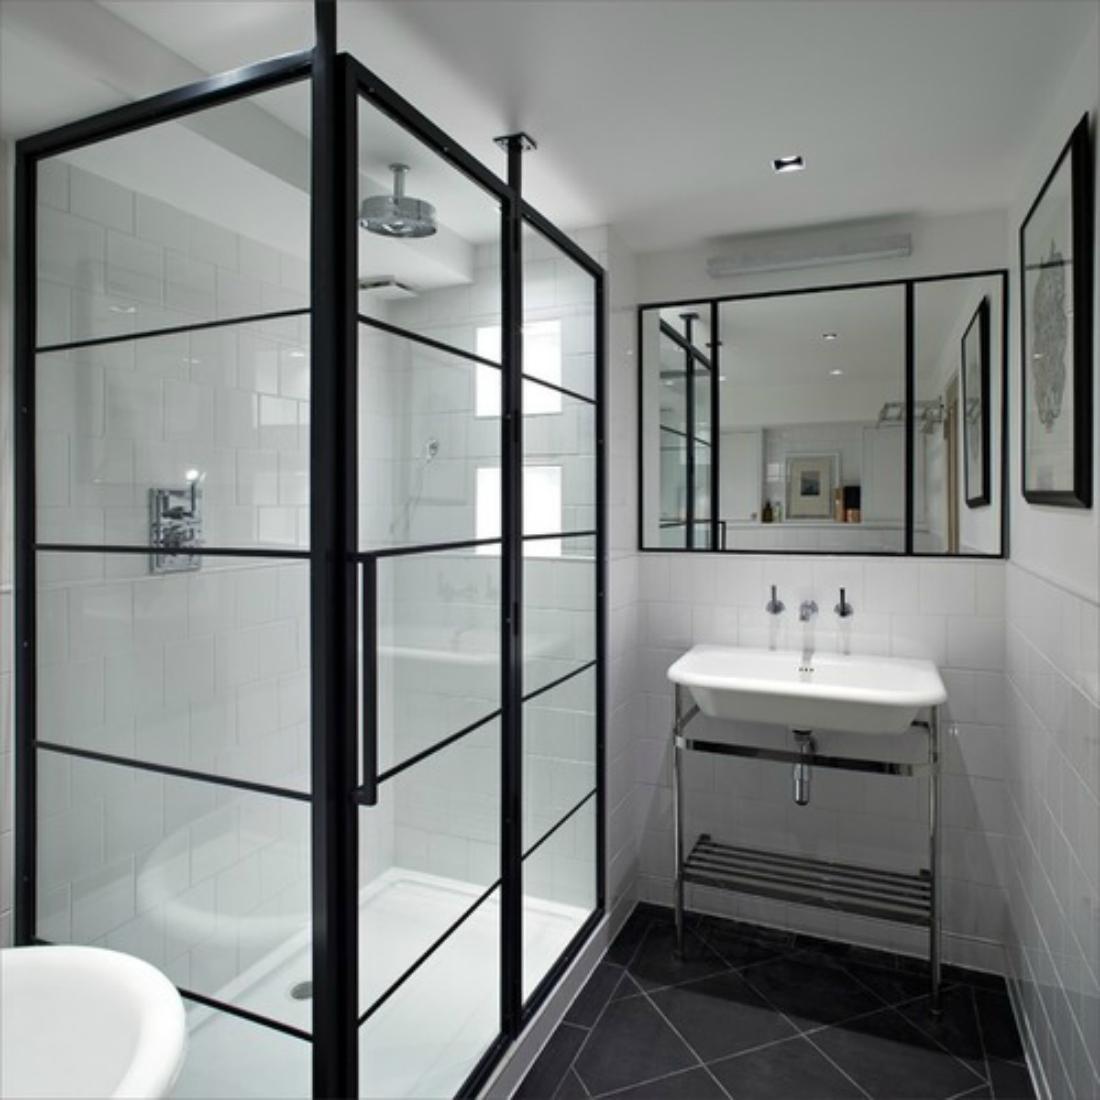 Bathroom doors houzz - Factory Shower Doors